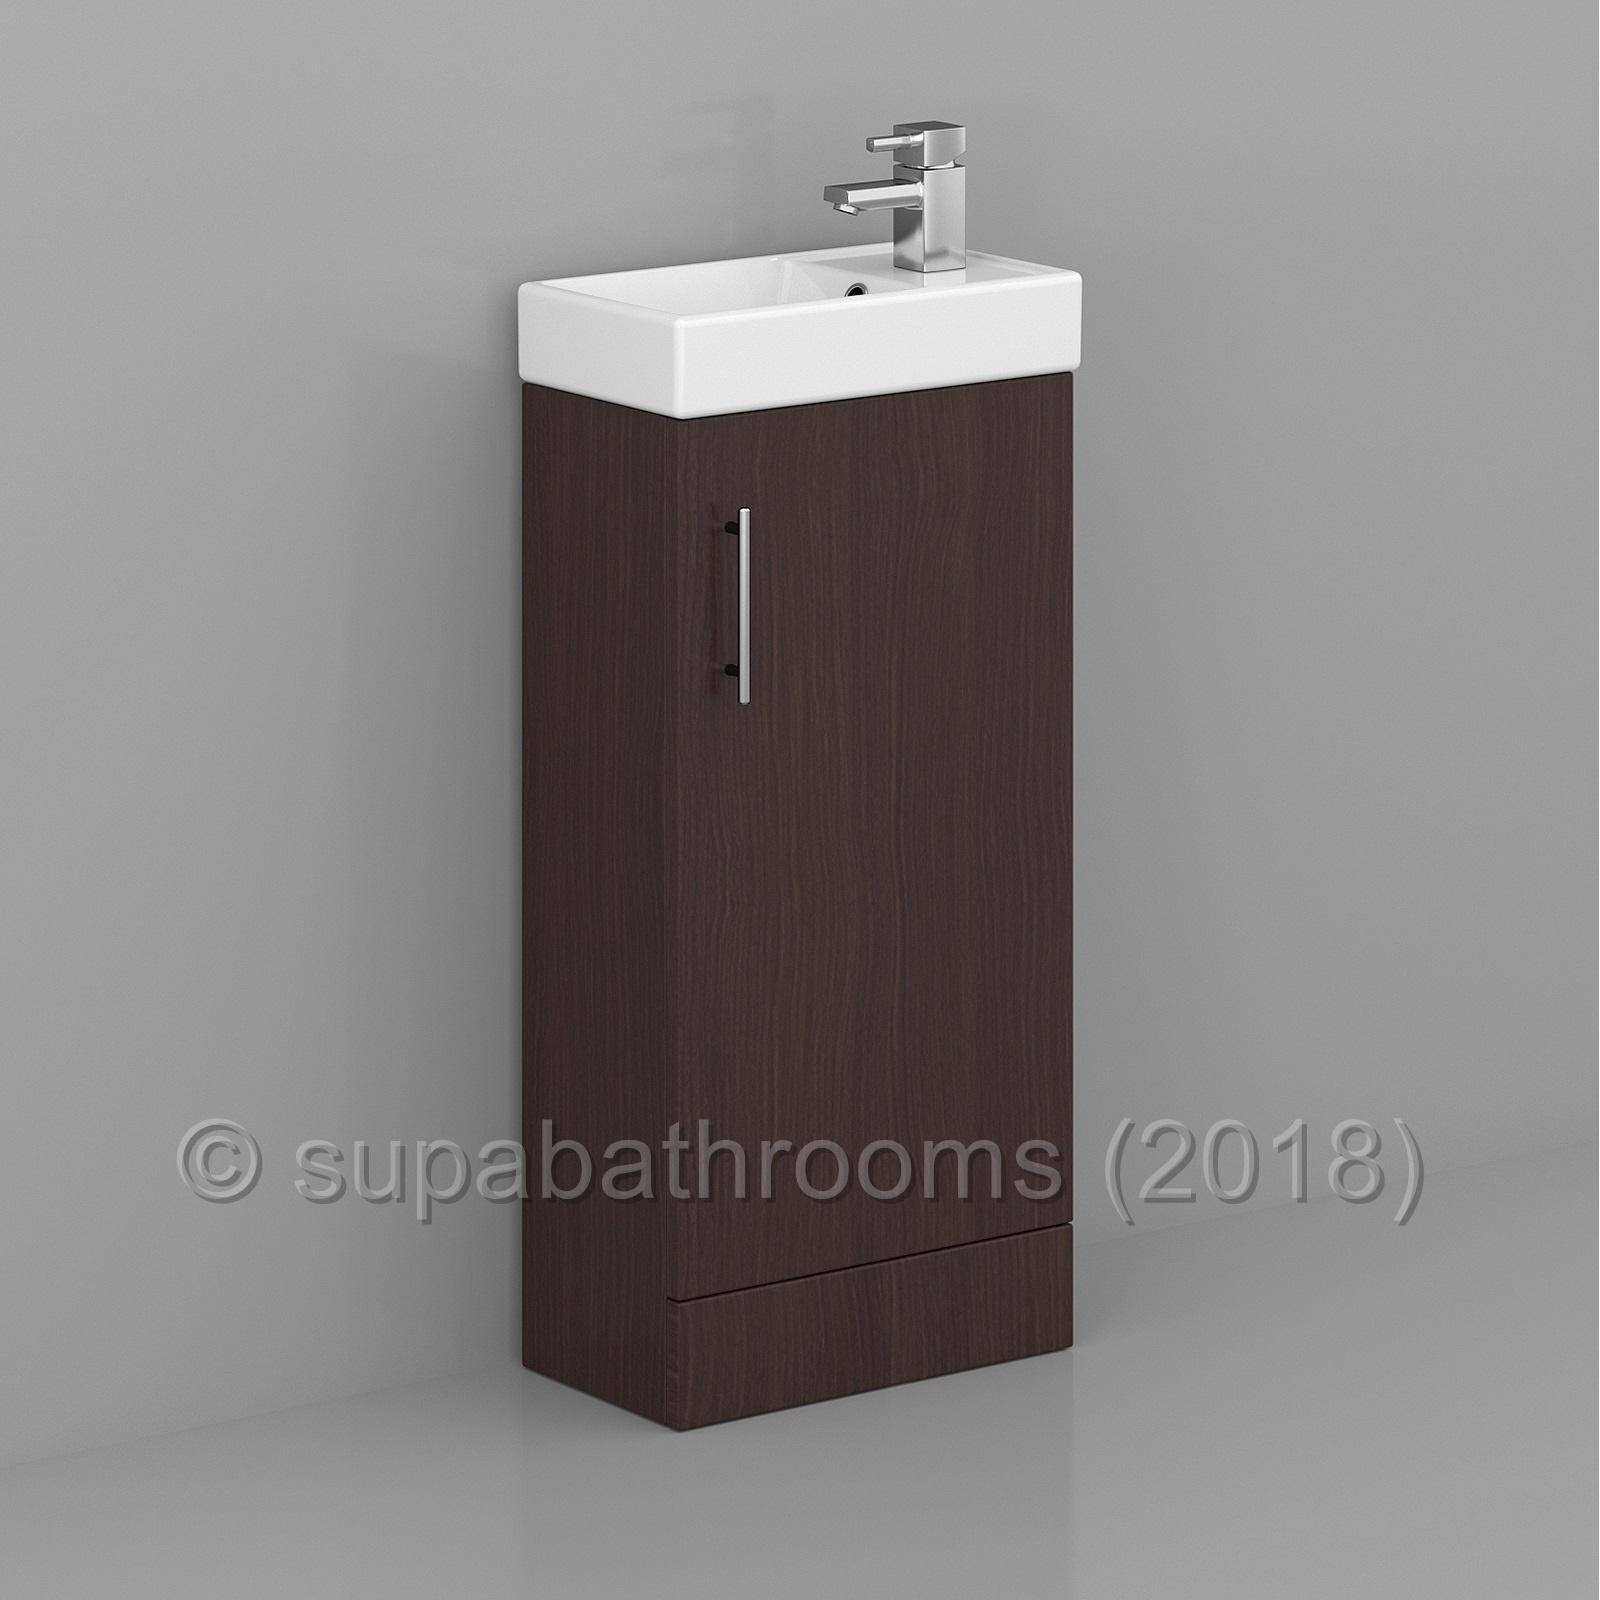 Minimalist Bathroom Vanity: Bathroom 400mm Minimalist Compact Vanity Unit & Basin